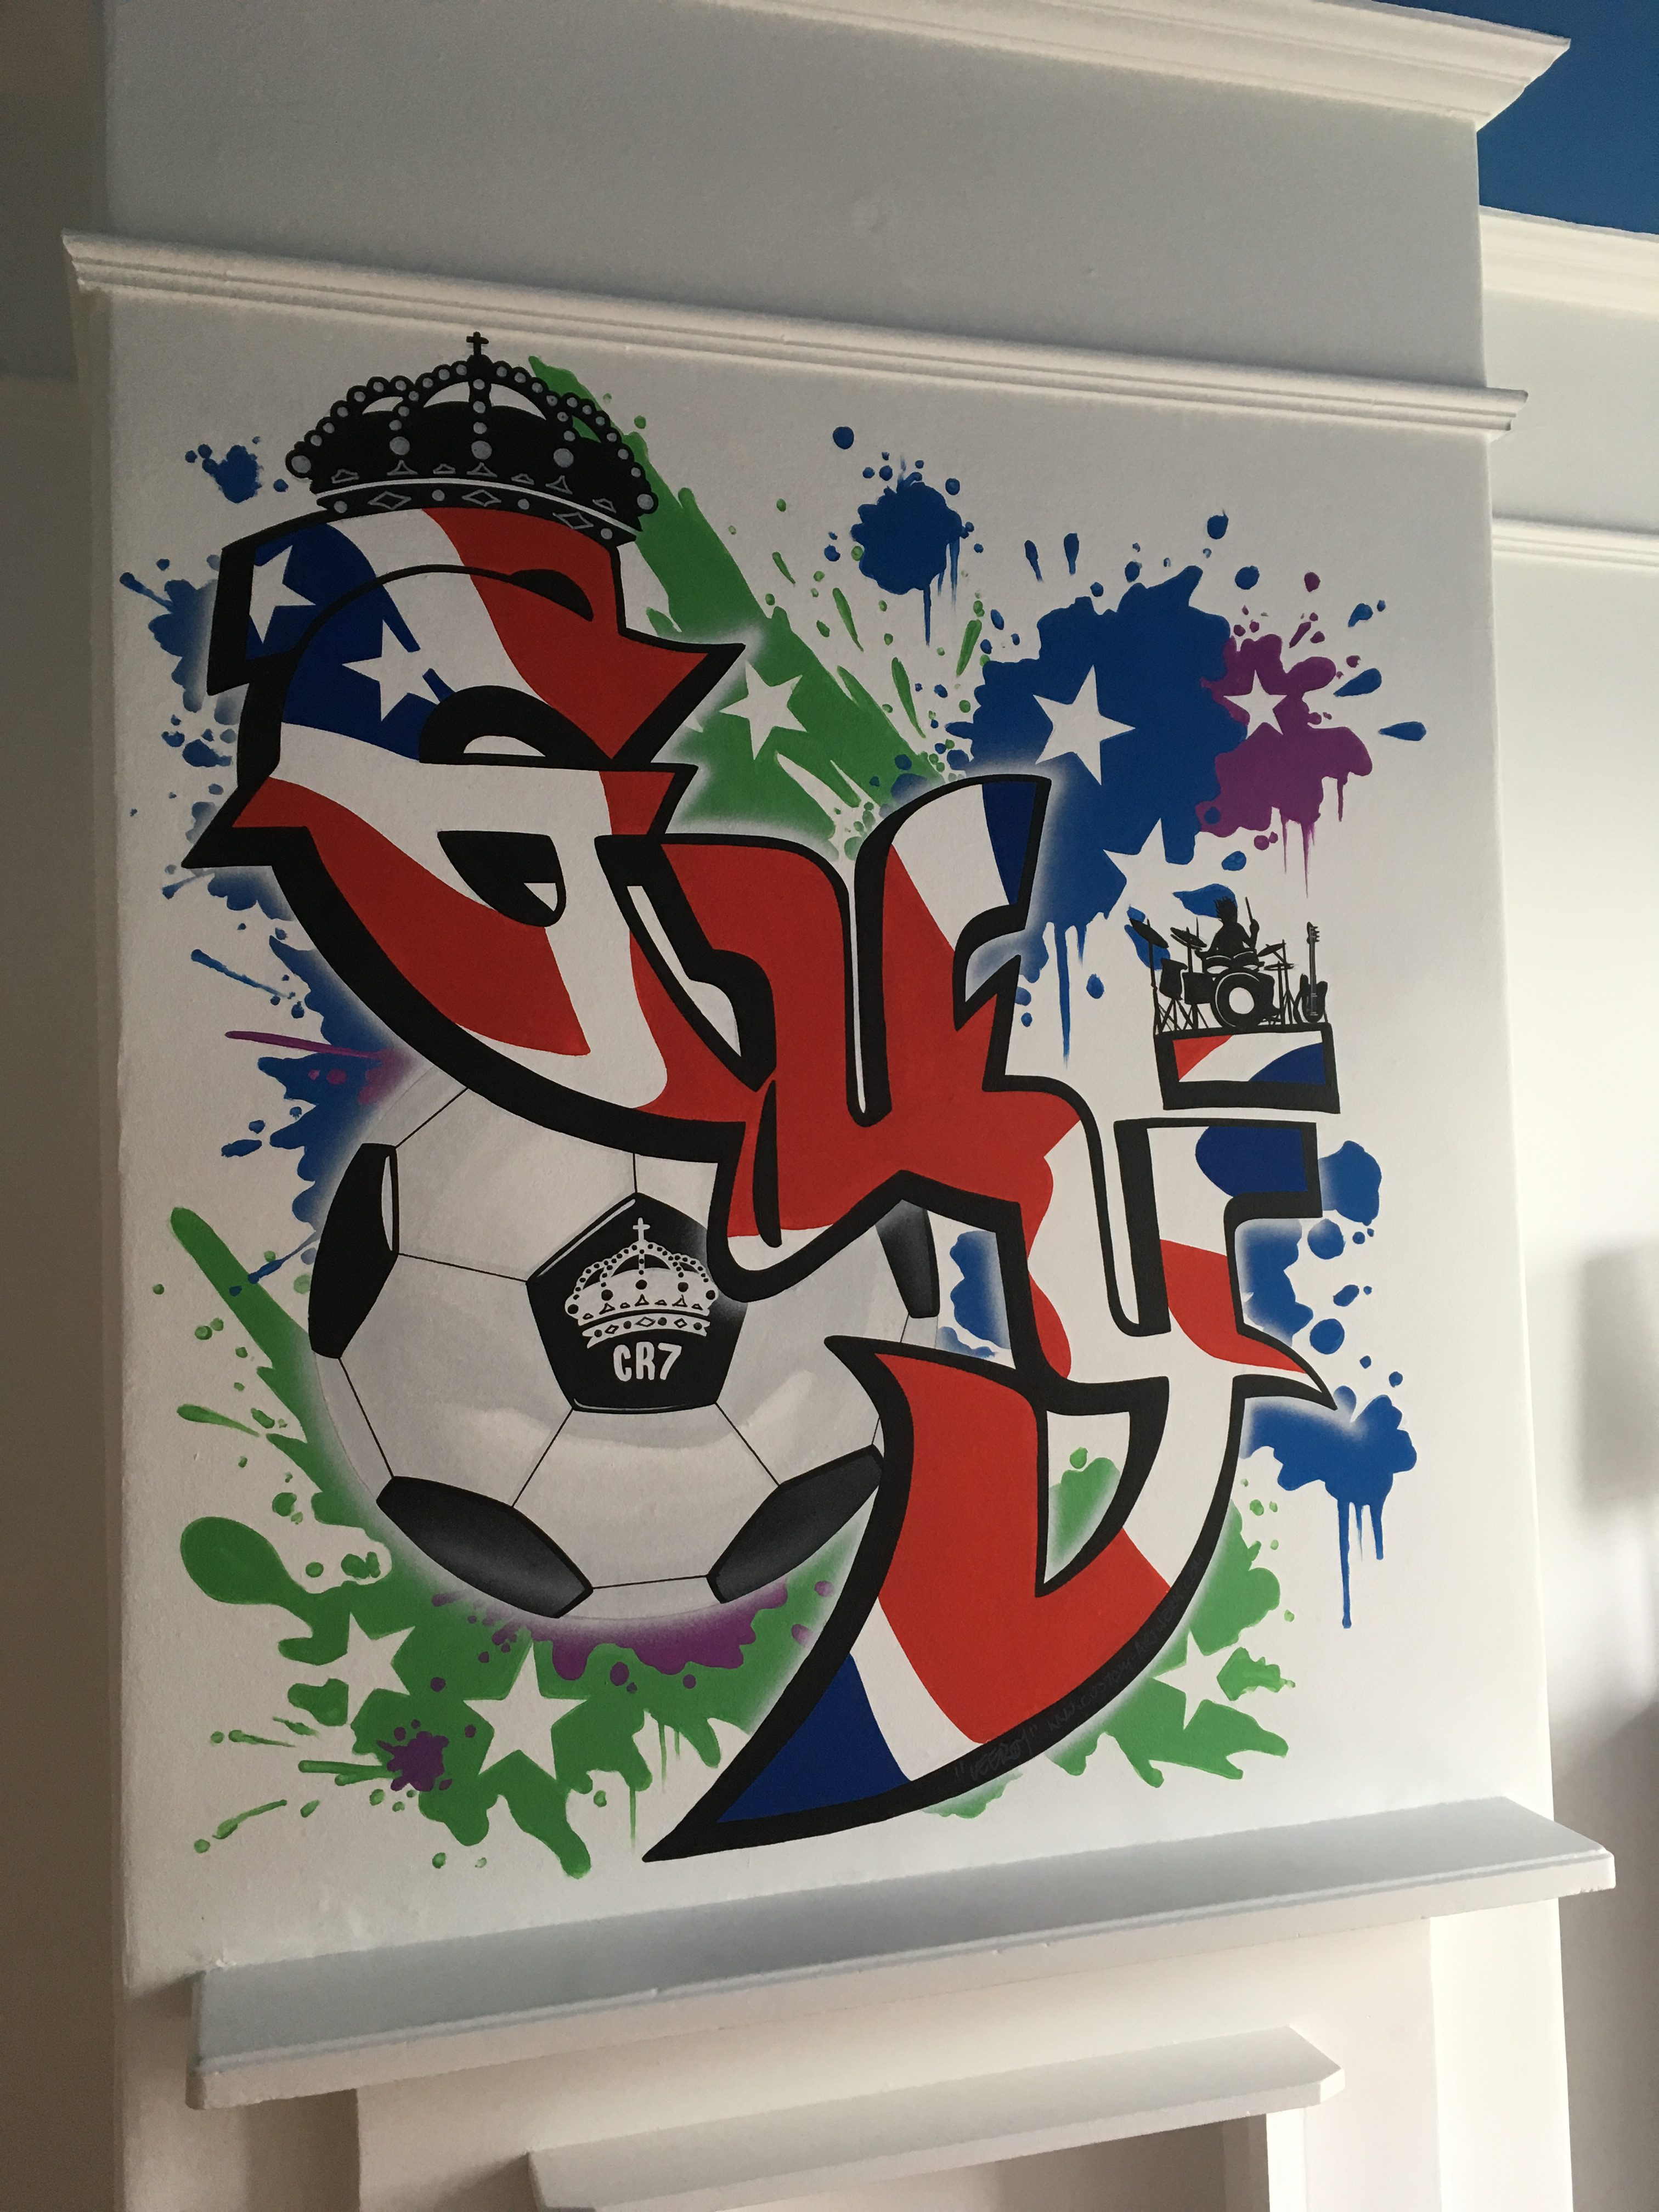 Guy Graffiti